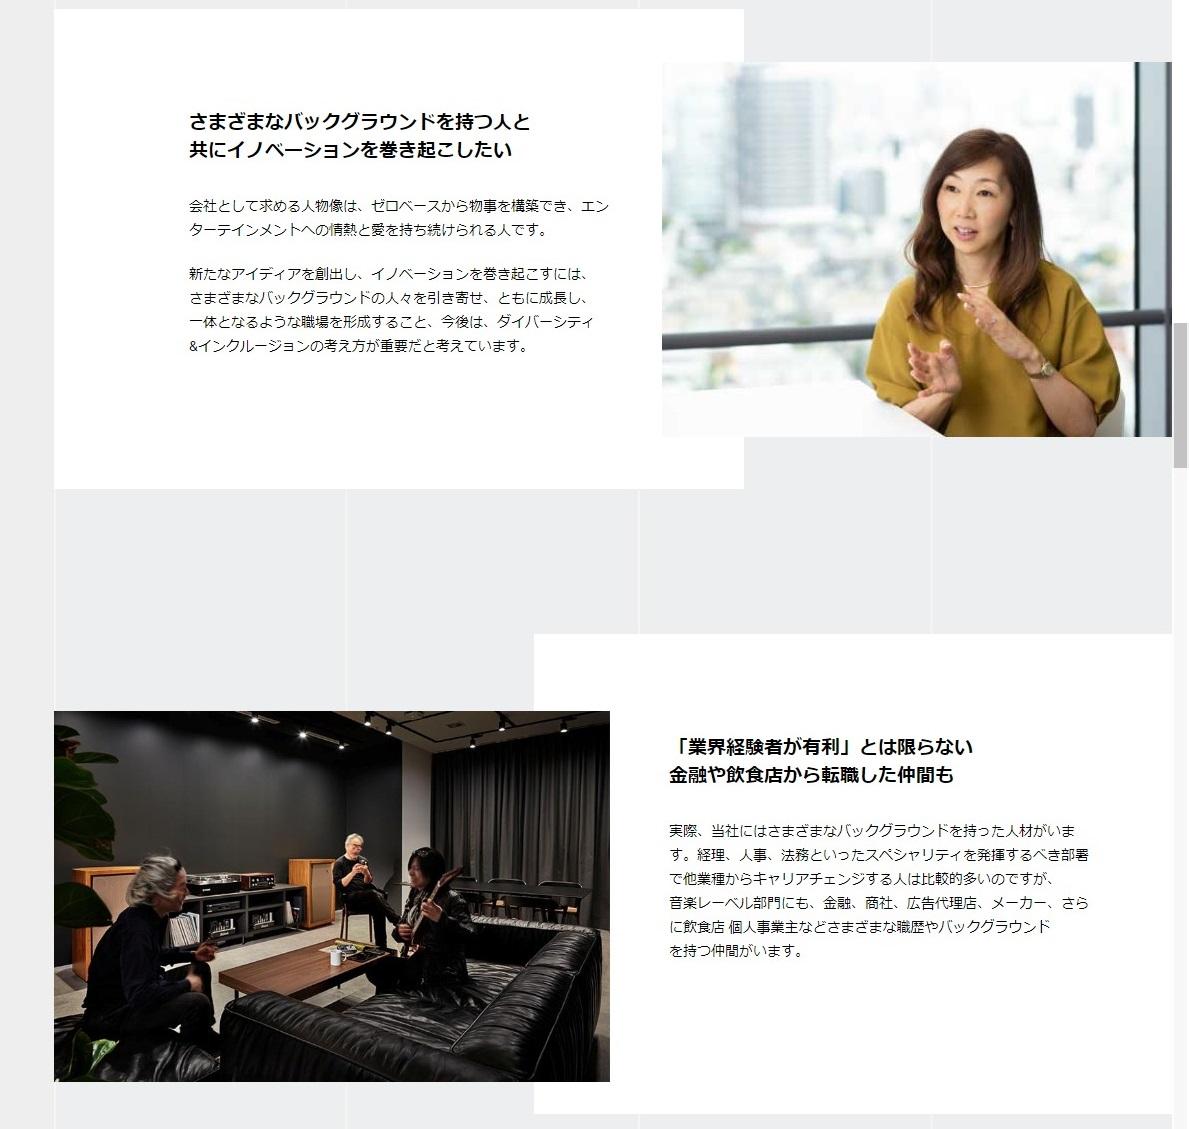 ユニバーサル ミュージック合同会社様 取材・撮影コンテンツ制作代行